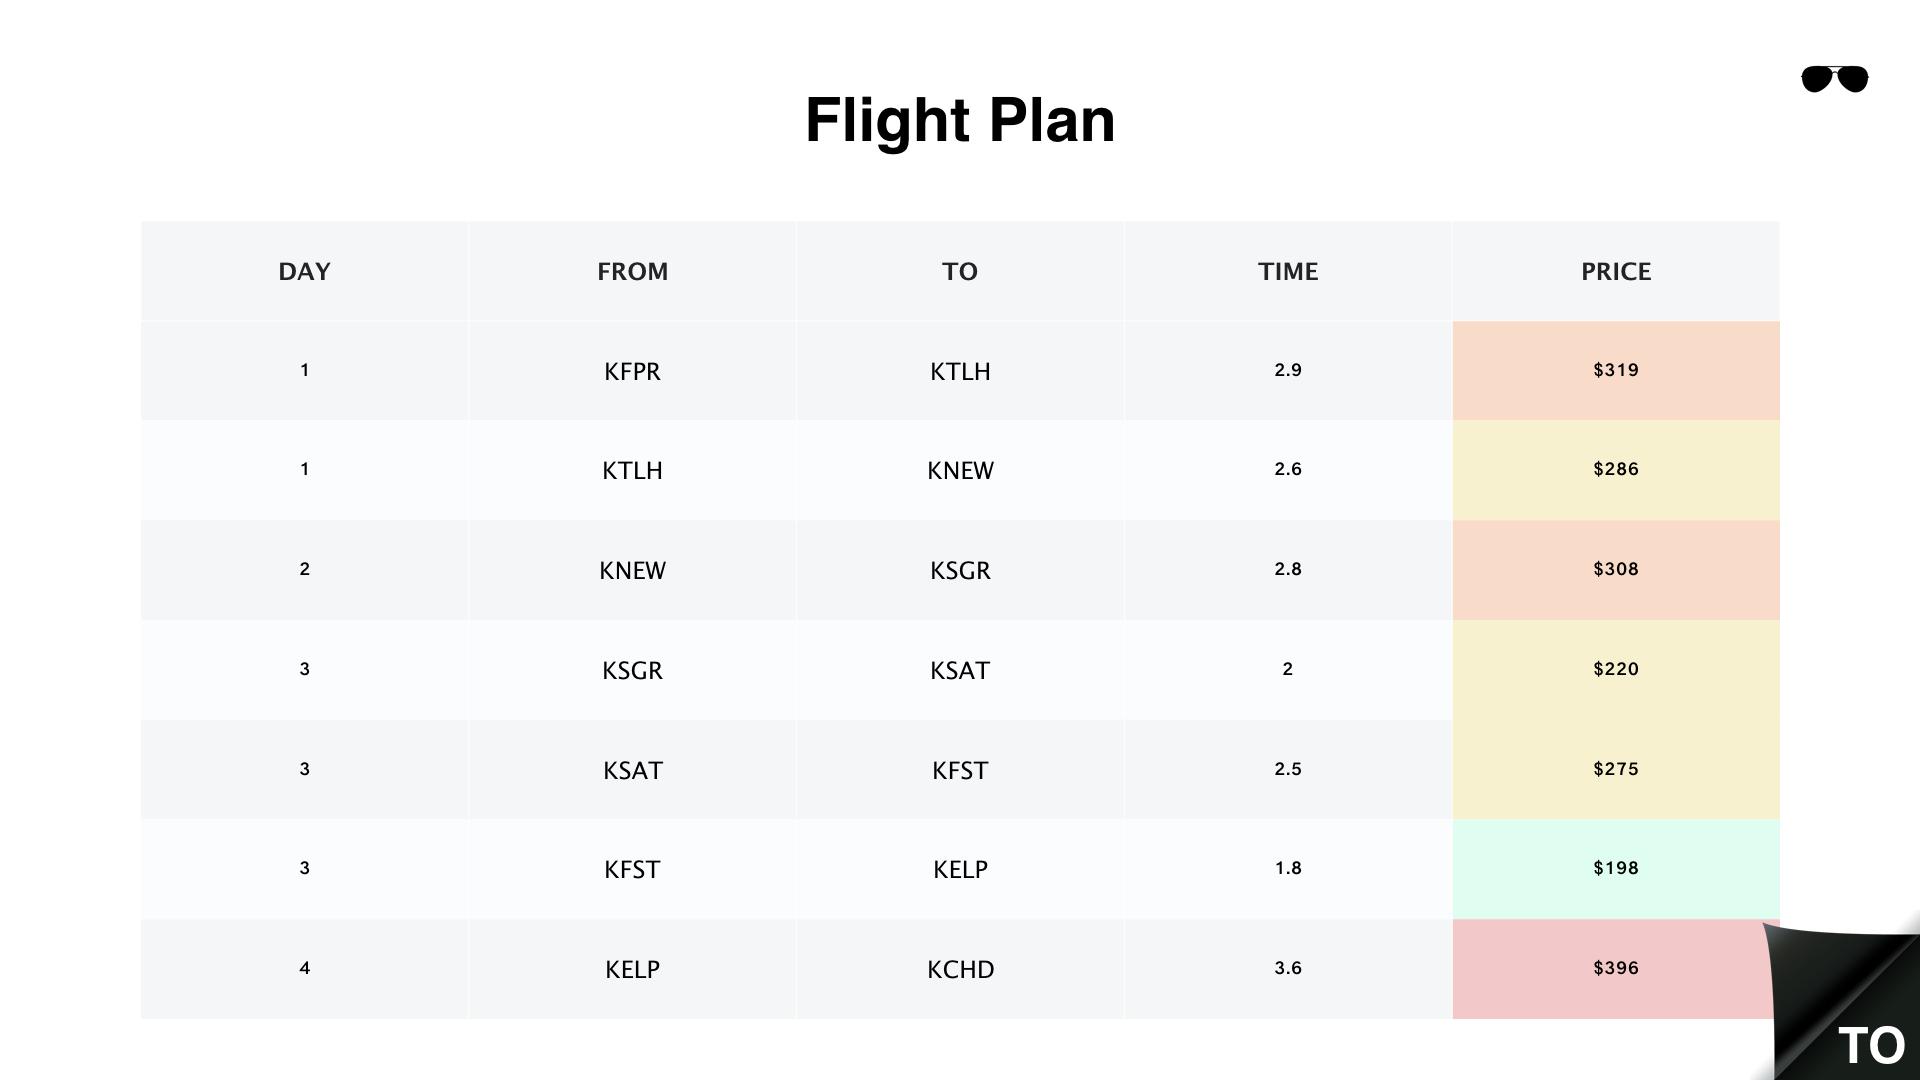 קורס טיס אזרחי תכנית טיסה הלוך